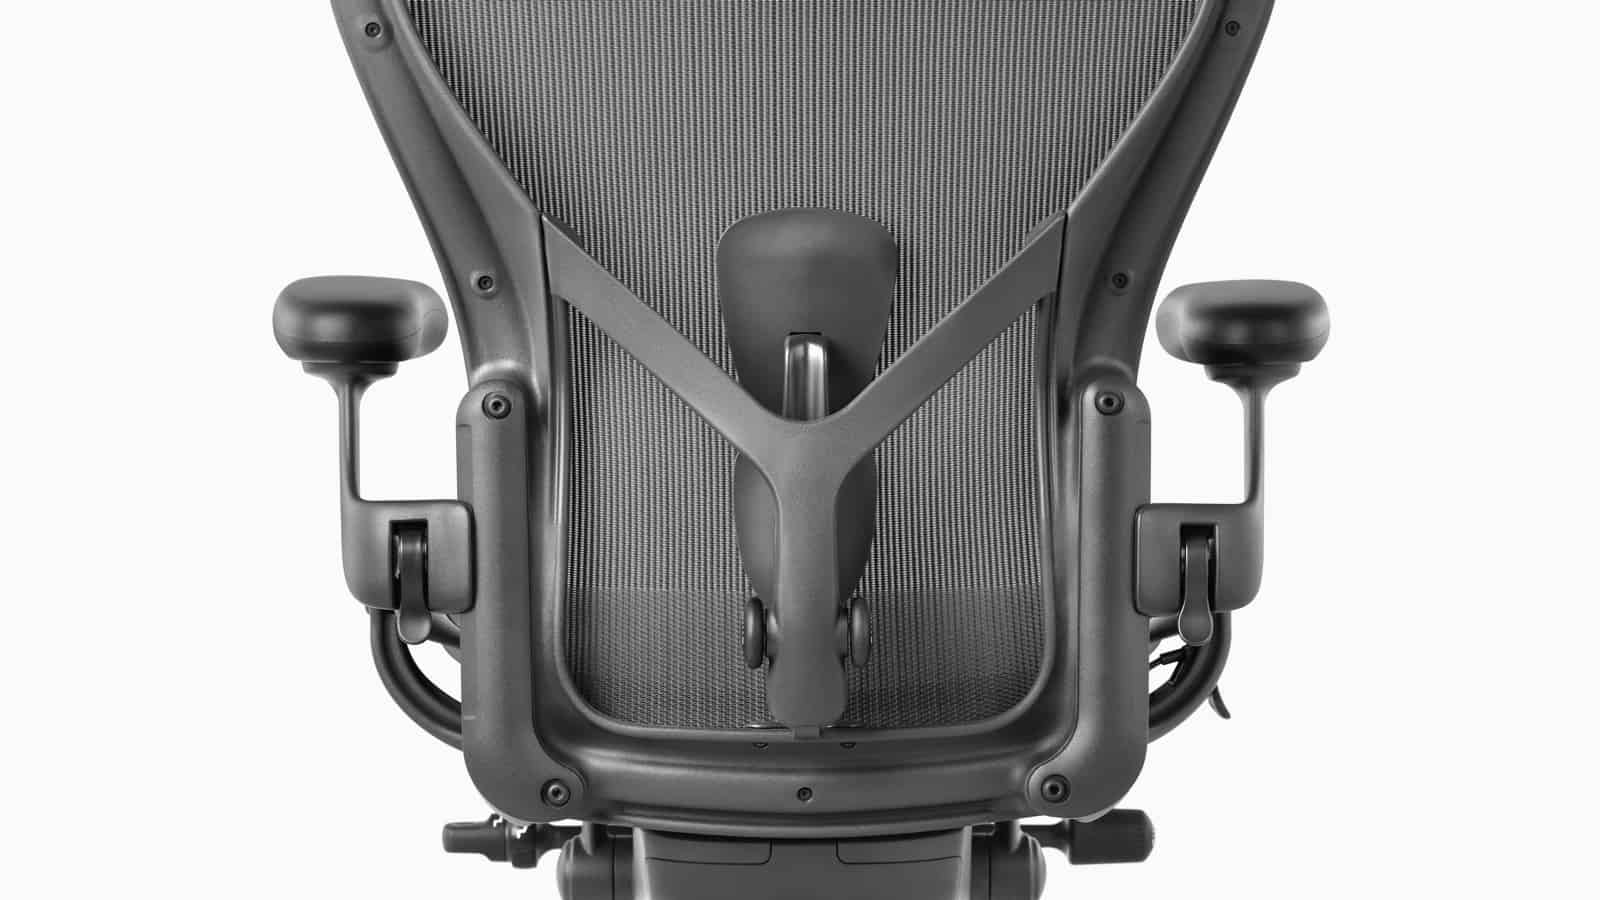 Porquê investir numa cadeira ergonómica?